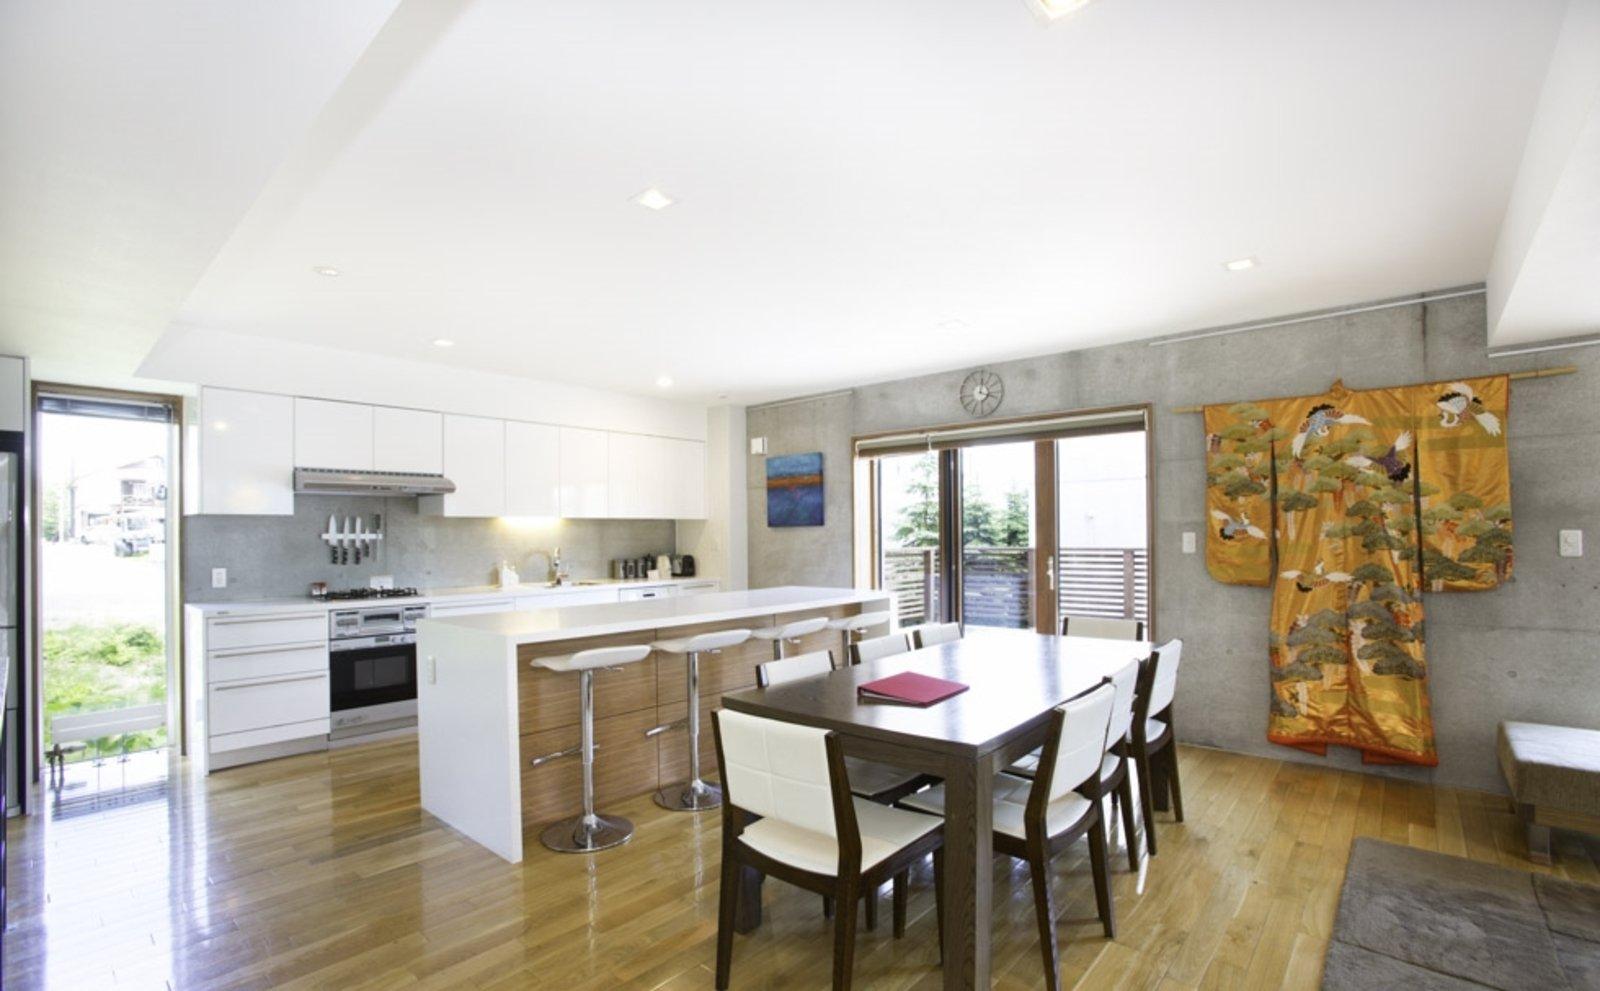 Kon m 3bdr house dining room large